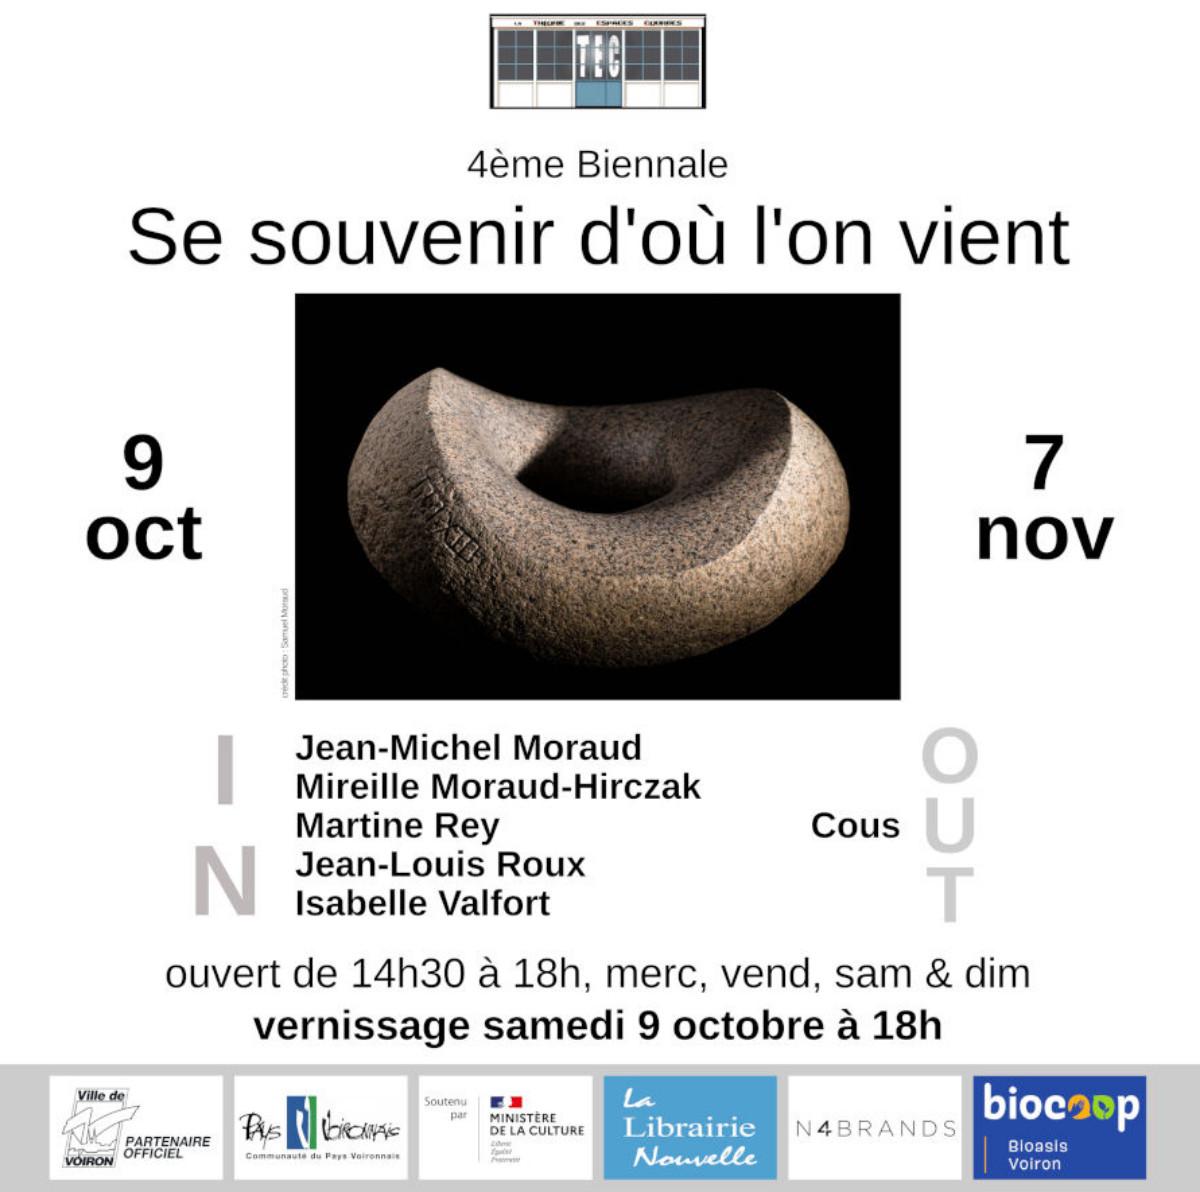 """4ème Biennale """"Se souvenir d'où l'on vient"""" sur le site d'ARTactif"""